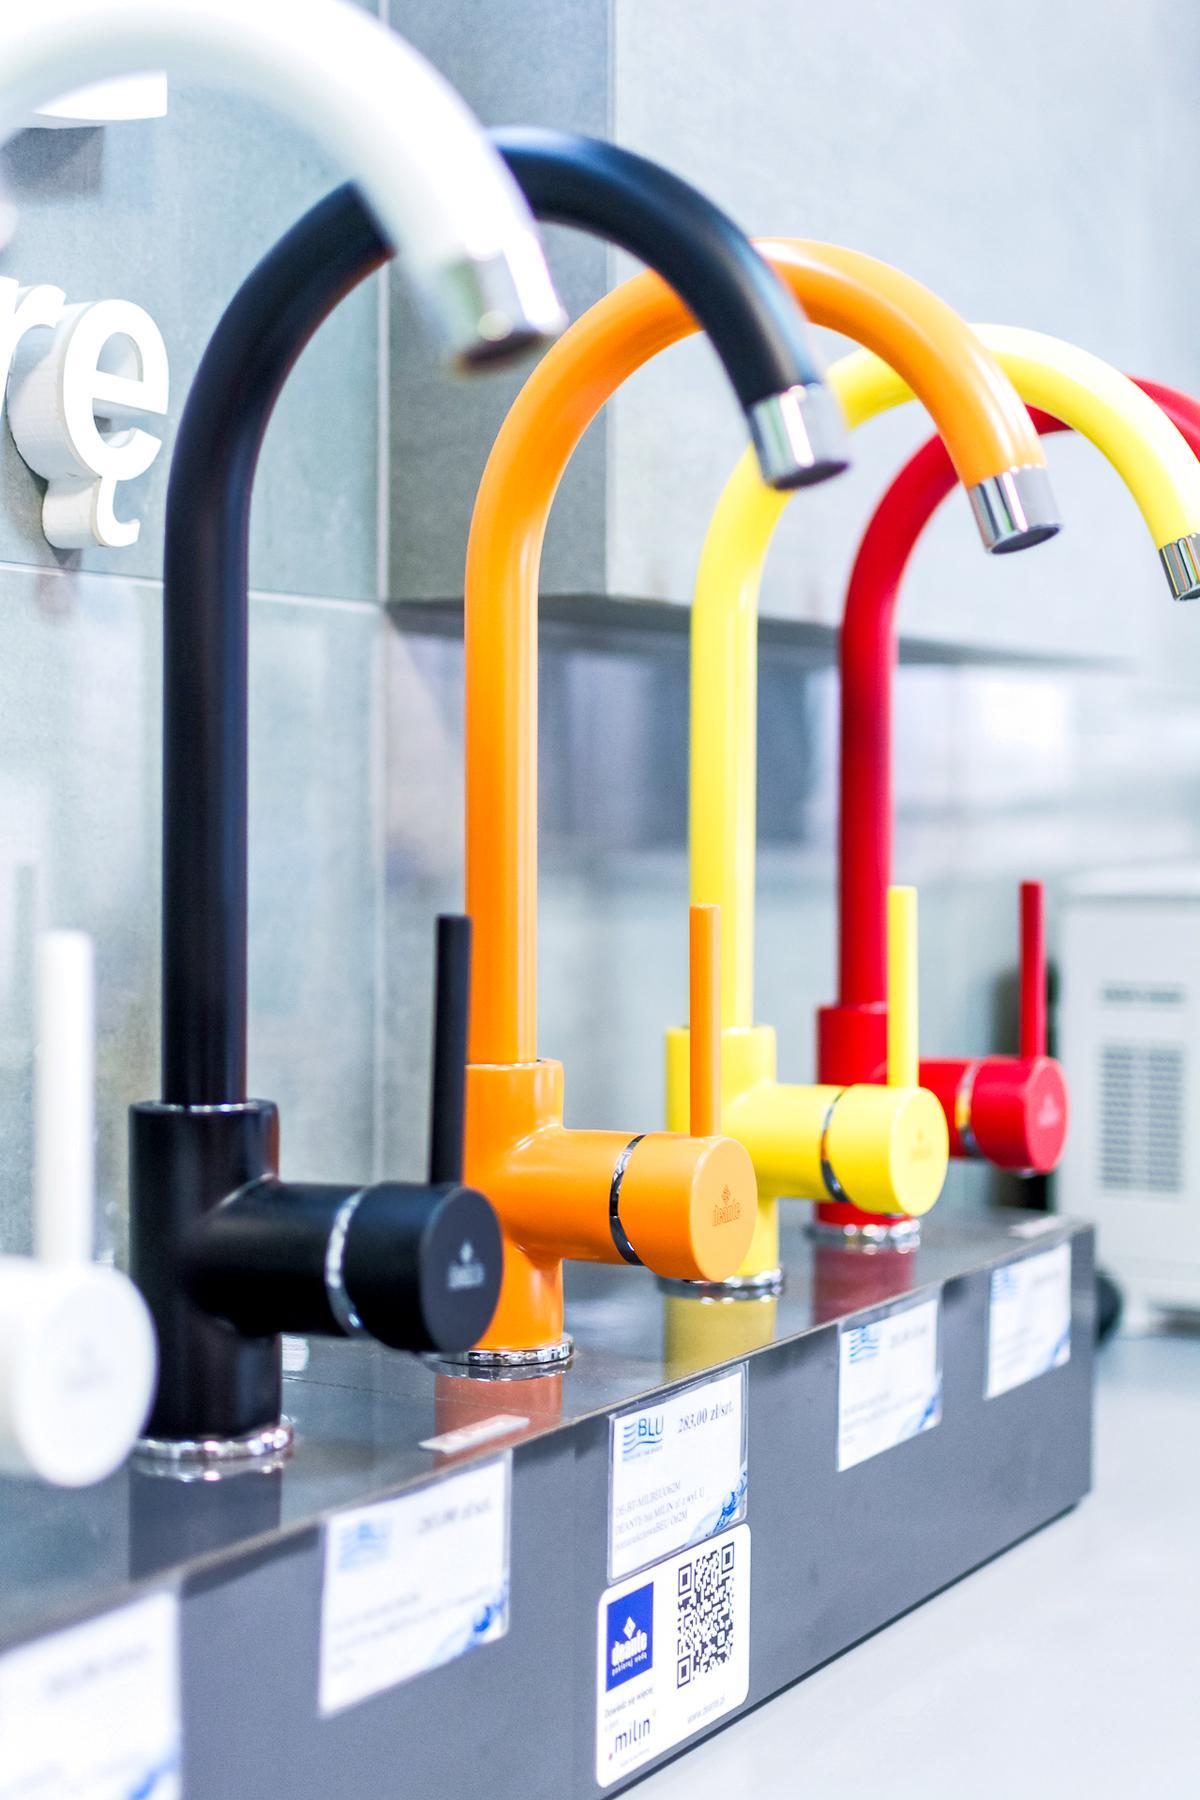 Deante Milin - szeroki wybór kolorowych baterii kuchennych - zdjęcie od BLU salon łazienek Włocławek